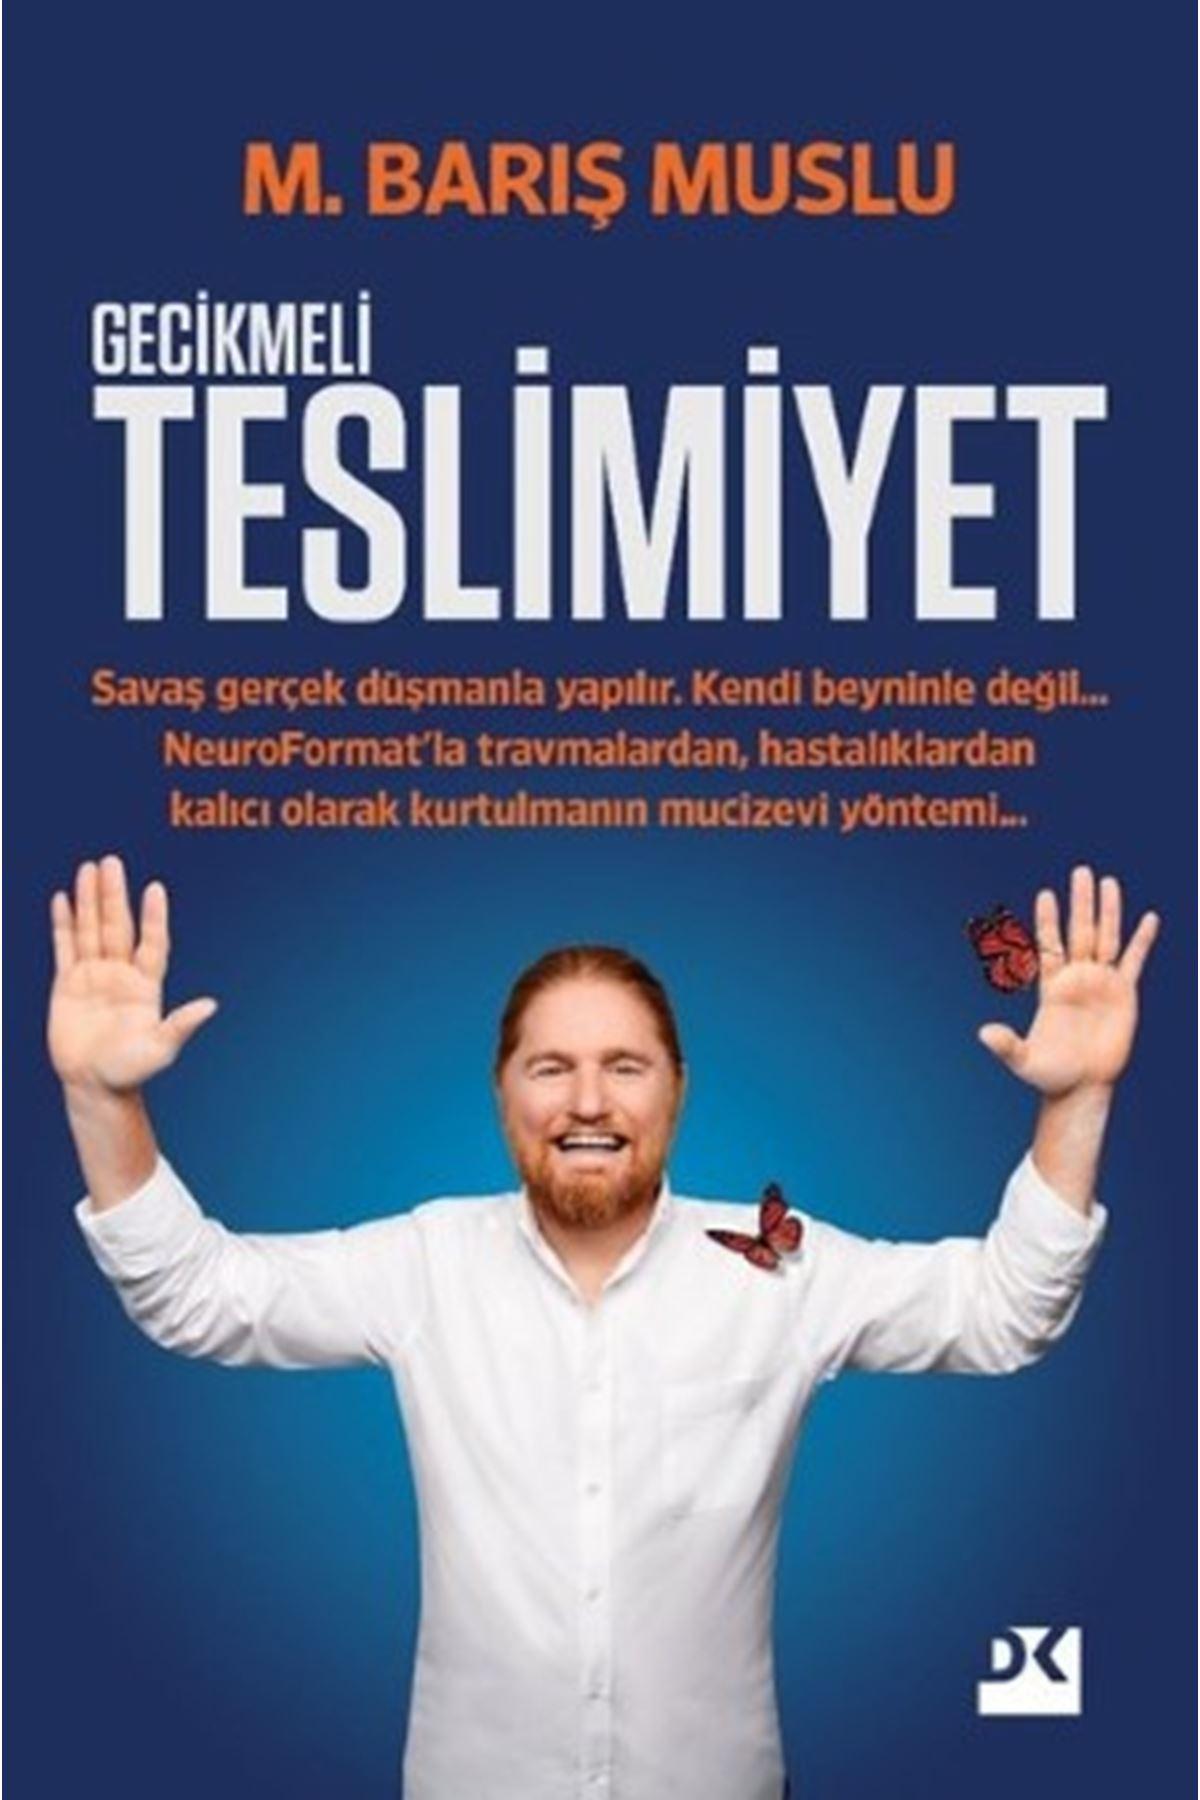 M. BARIŞ MUSLU - GECİKMELİ TESLİMİYET